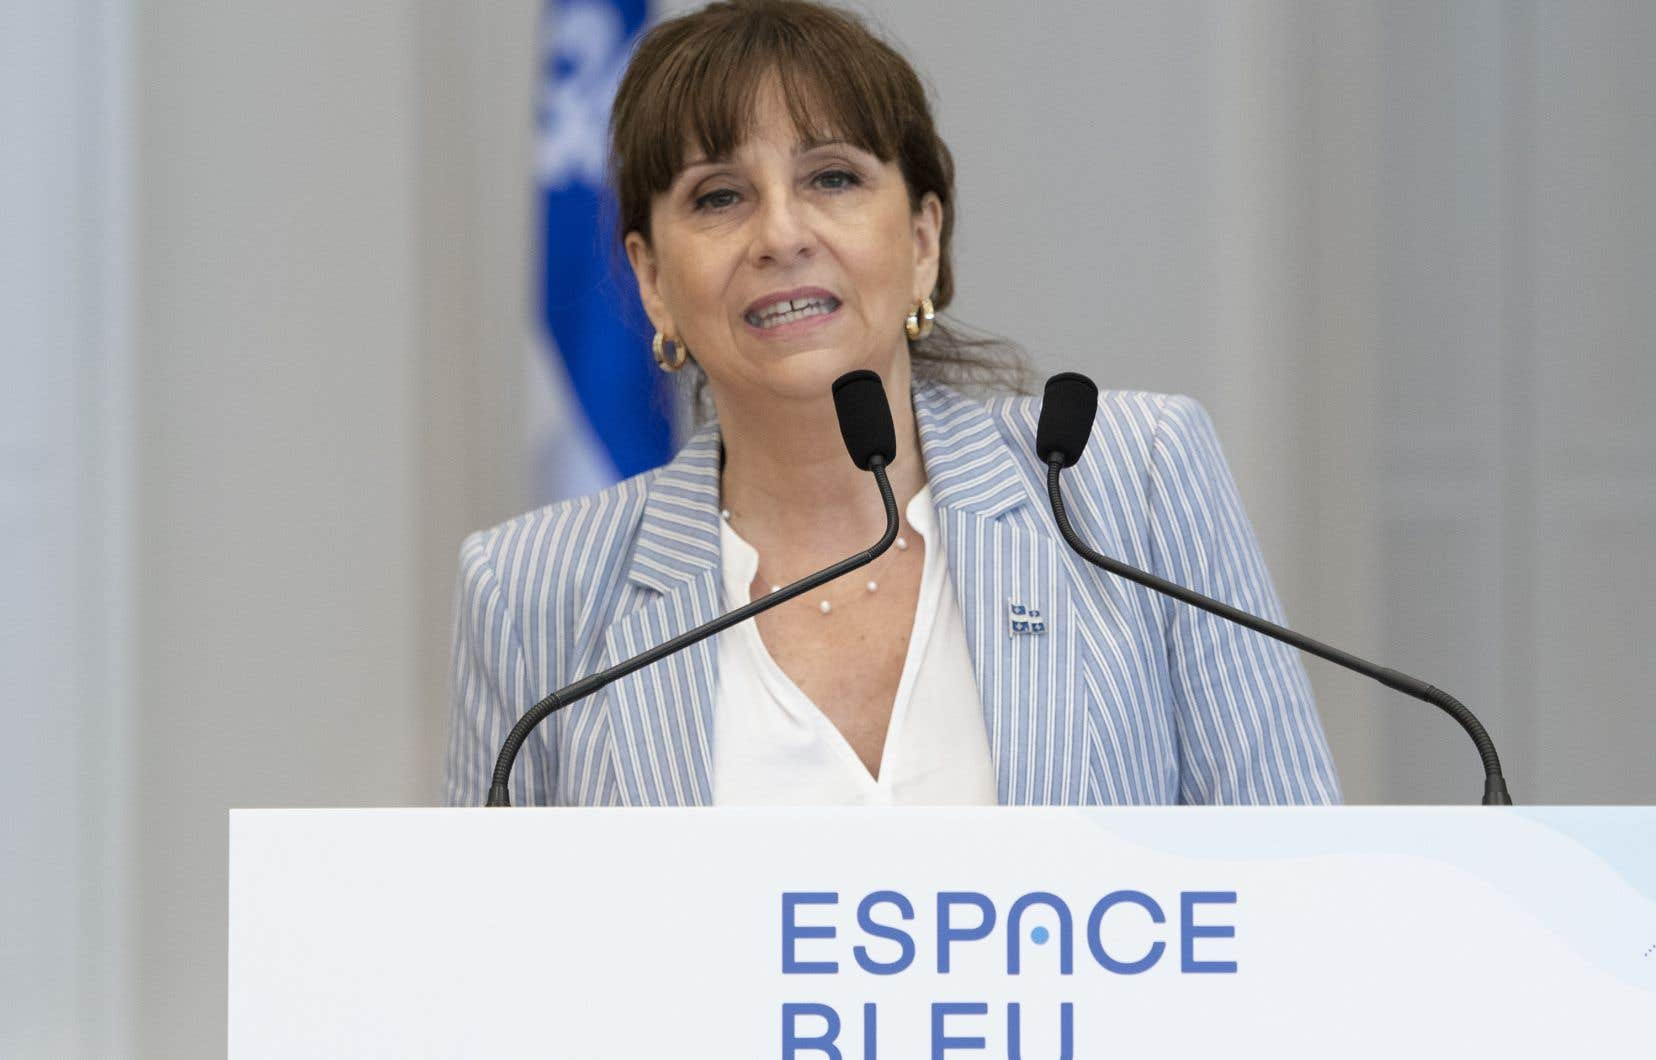 La ministre de la Culture, Nathalie Roy, en conférence de presse le 10 juin à l'annonce de l'initative qui servira à promouvoir la culture québécoise, Espace Bleu.